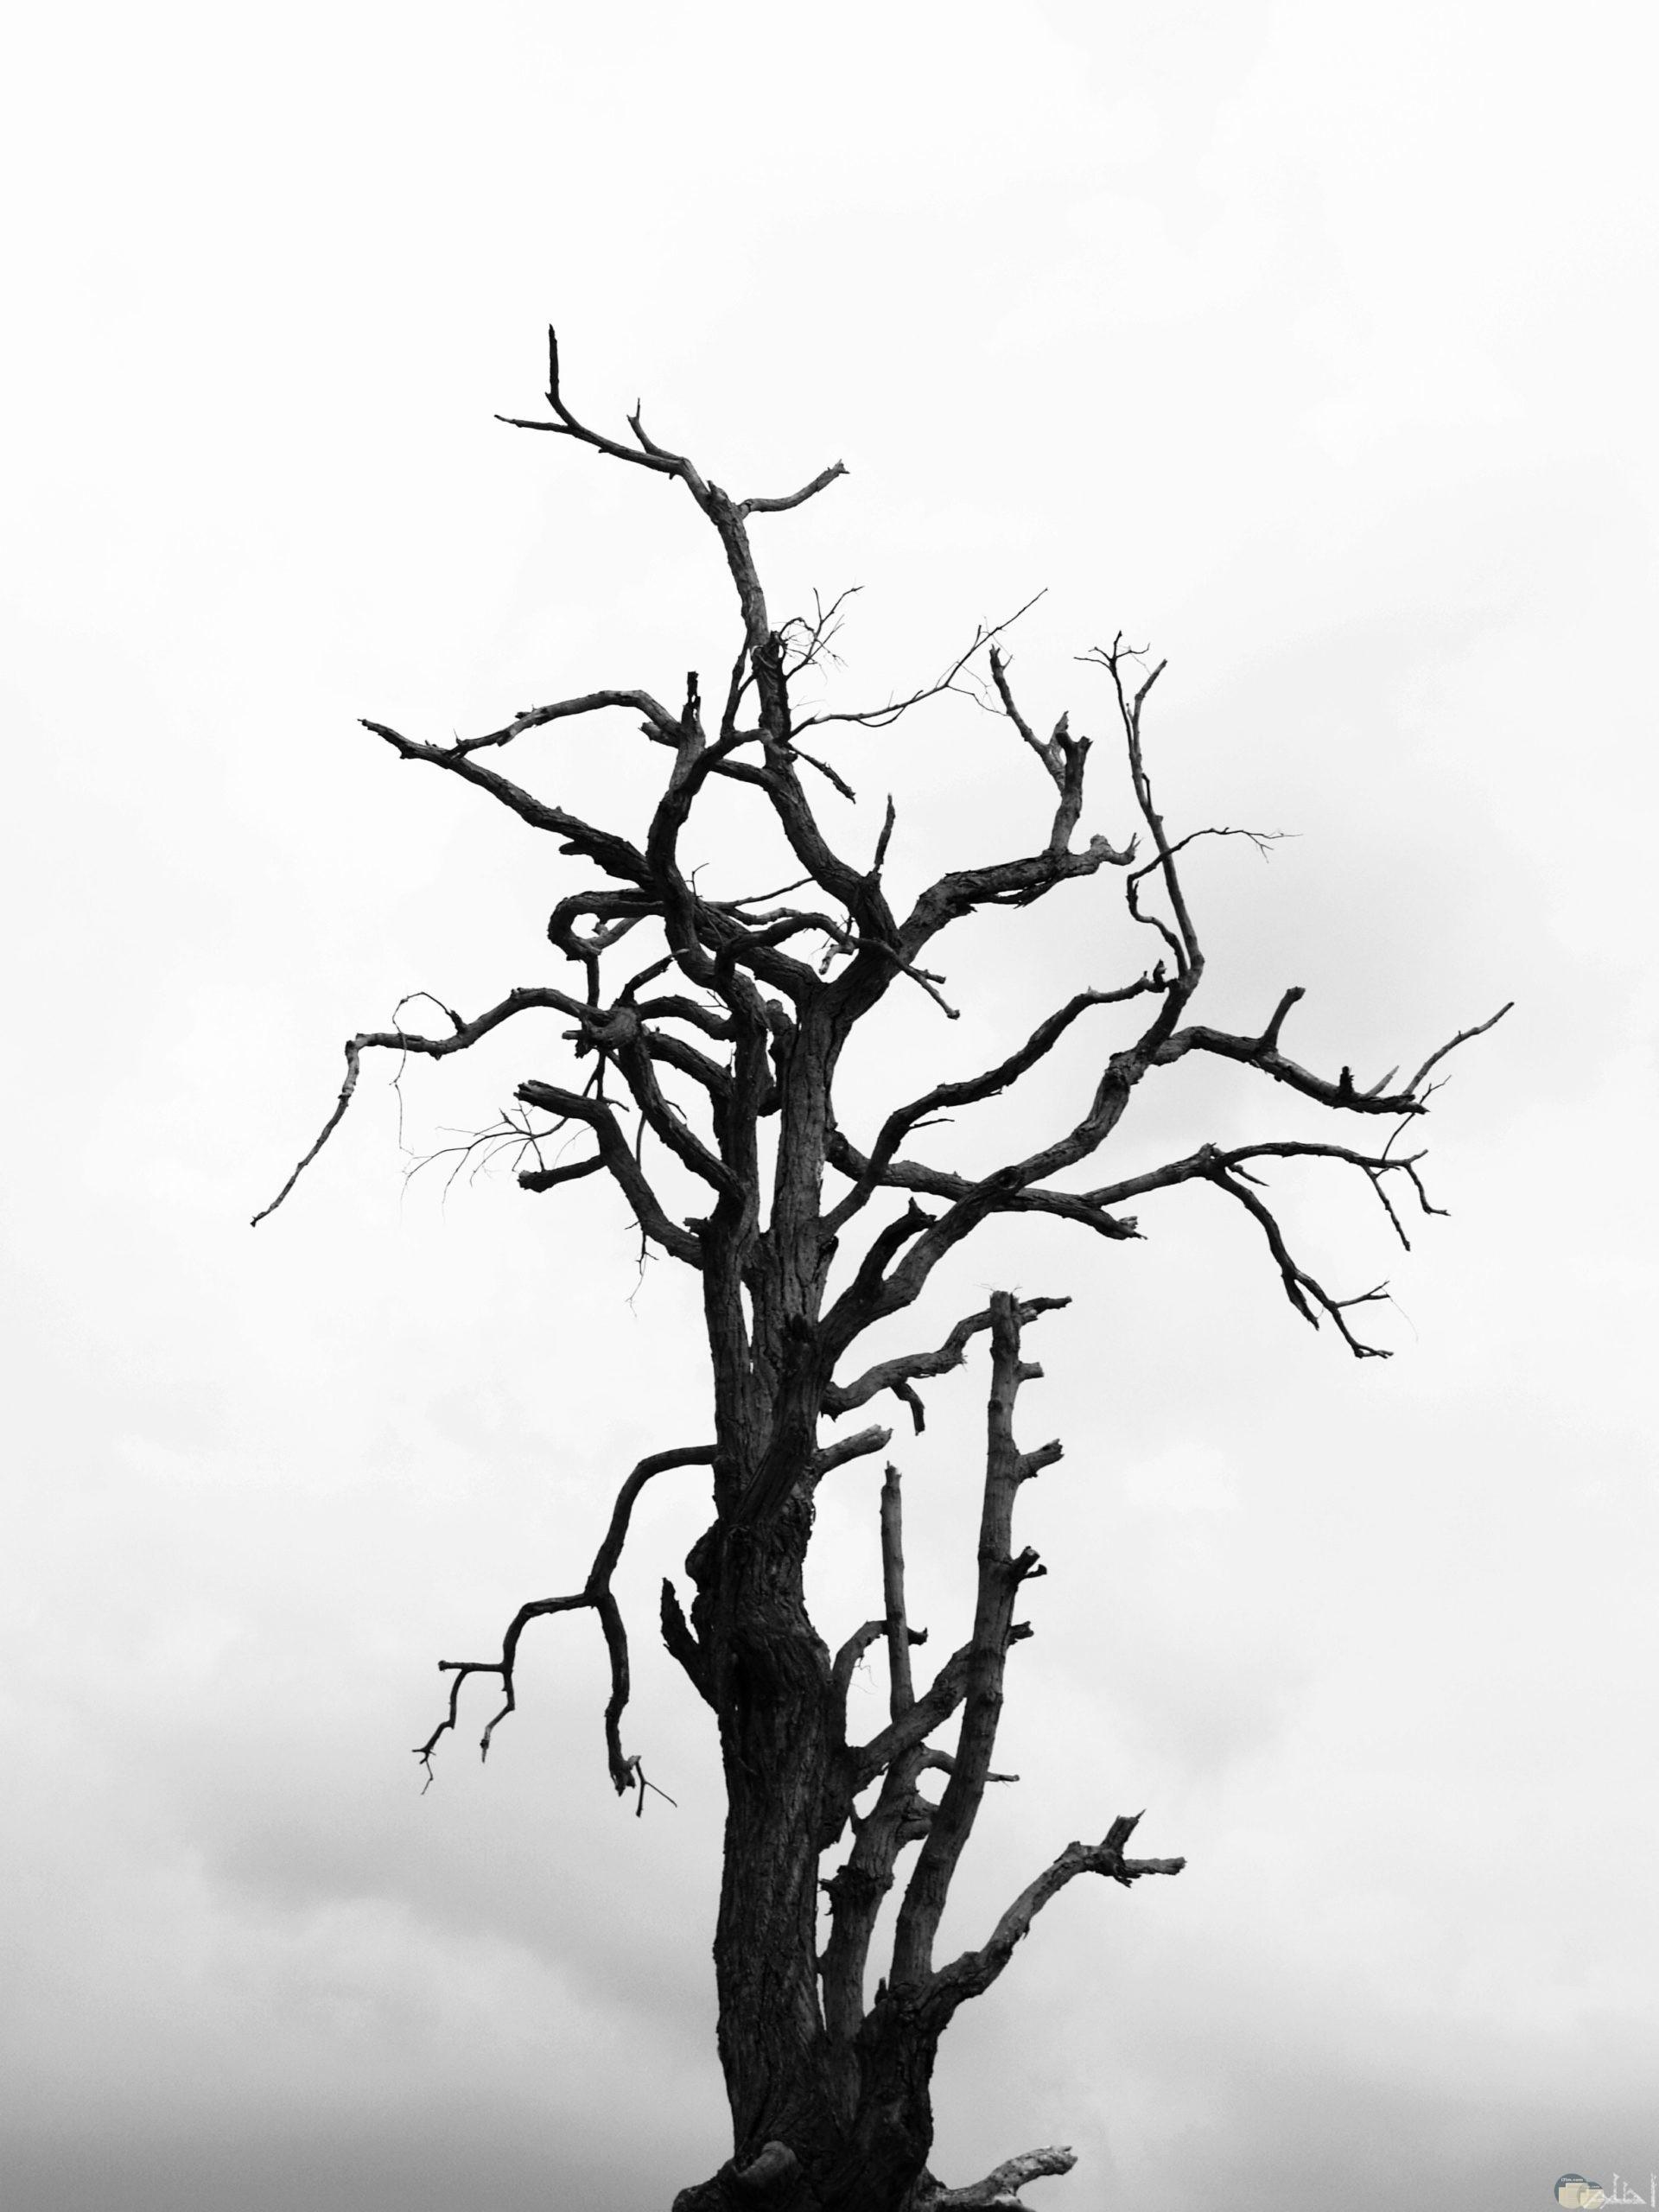 الوحيد كشجرة جافة لا أوراق لها.